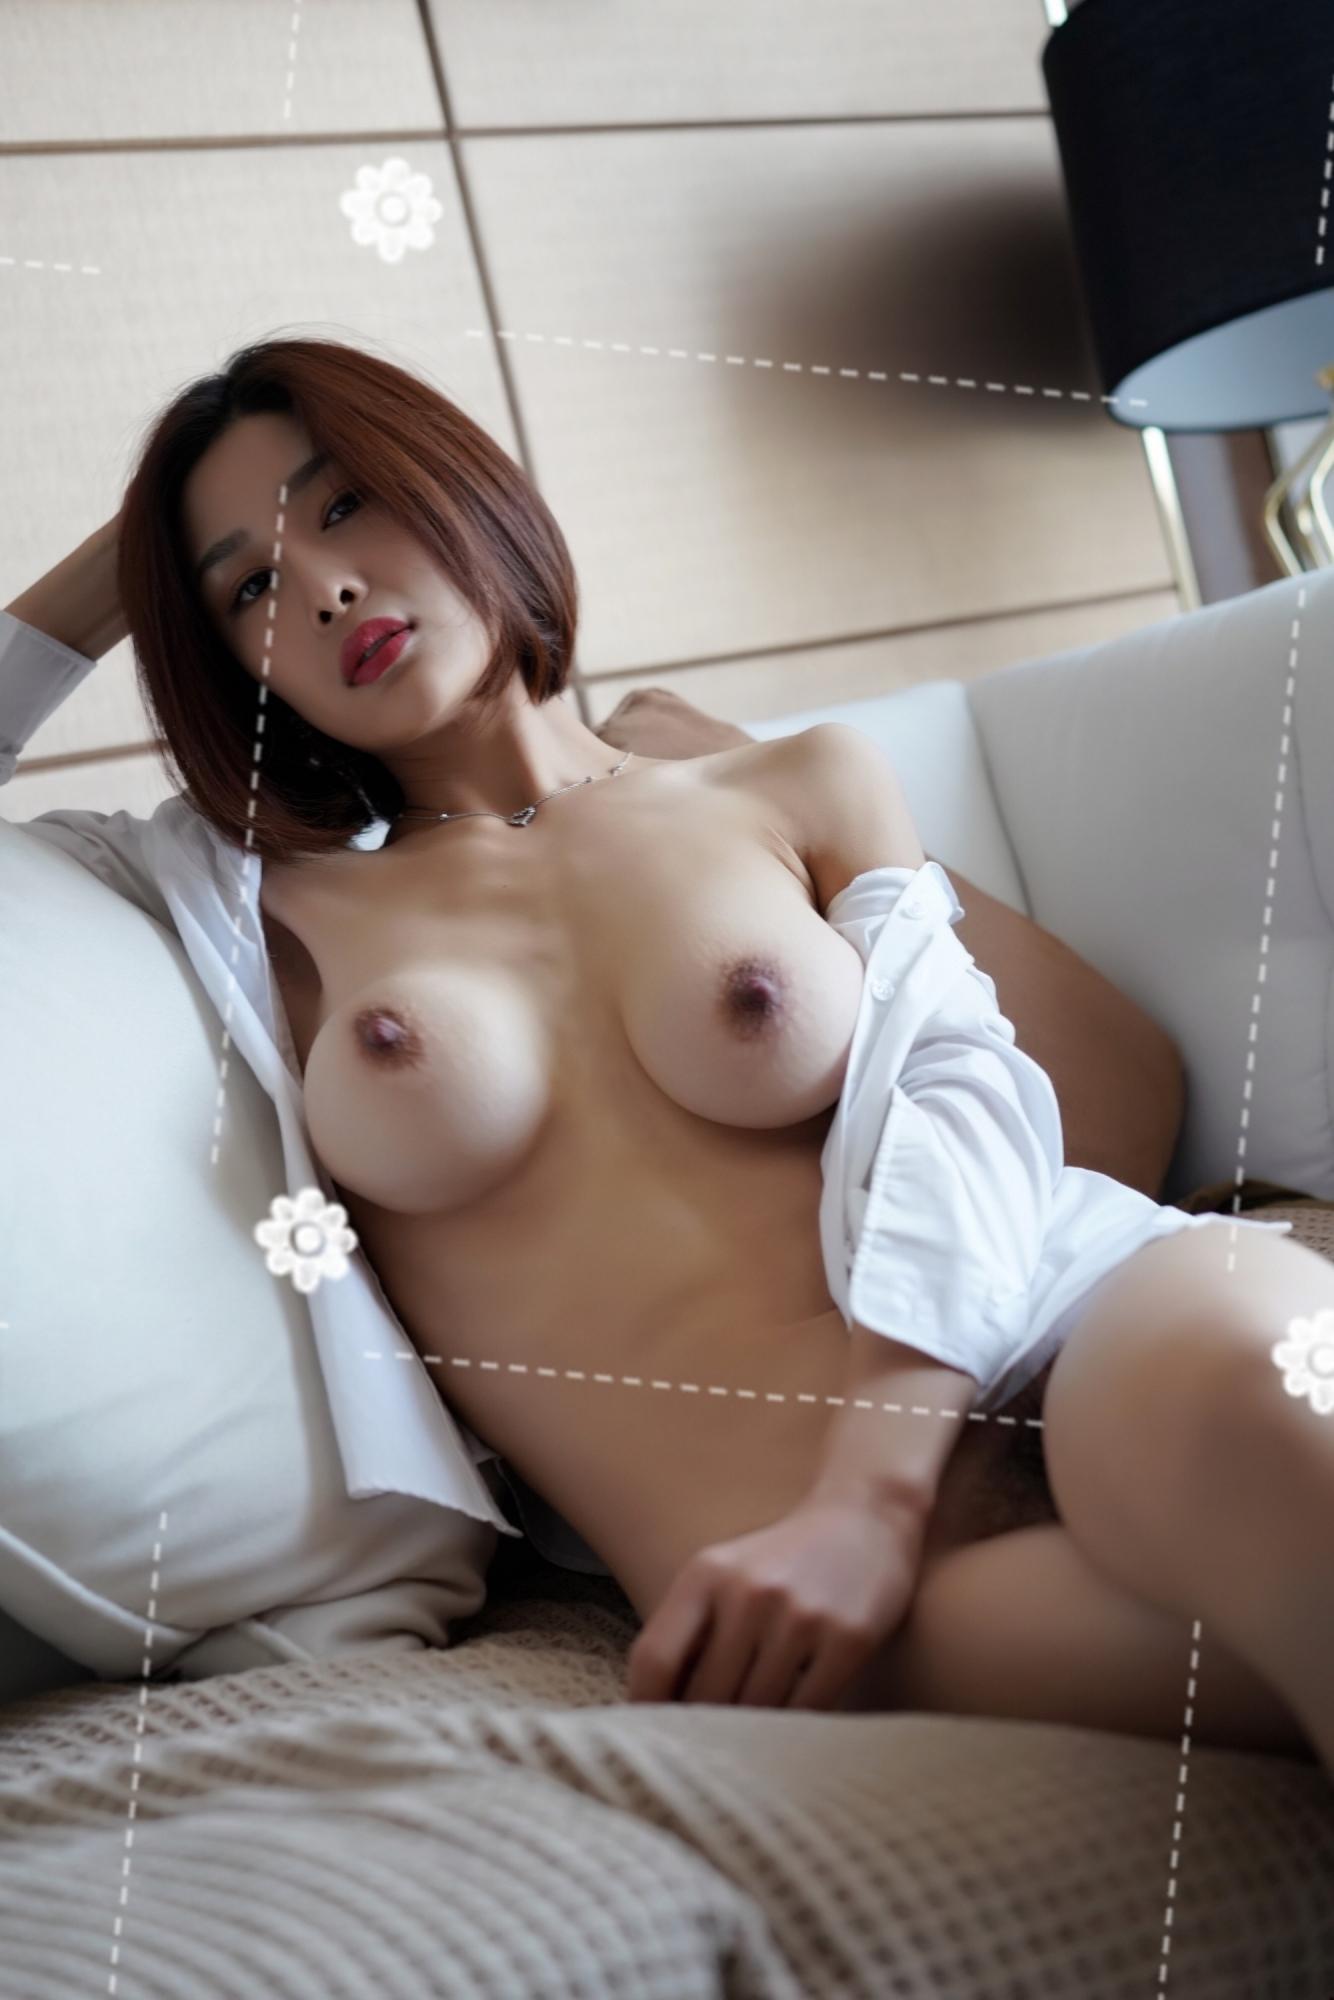 福利姬-闫盼盼《 襯衫誘惑完整版 》大尺度 福利帖【63P】